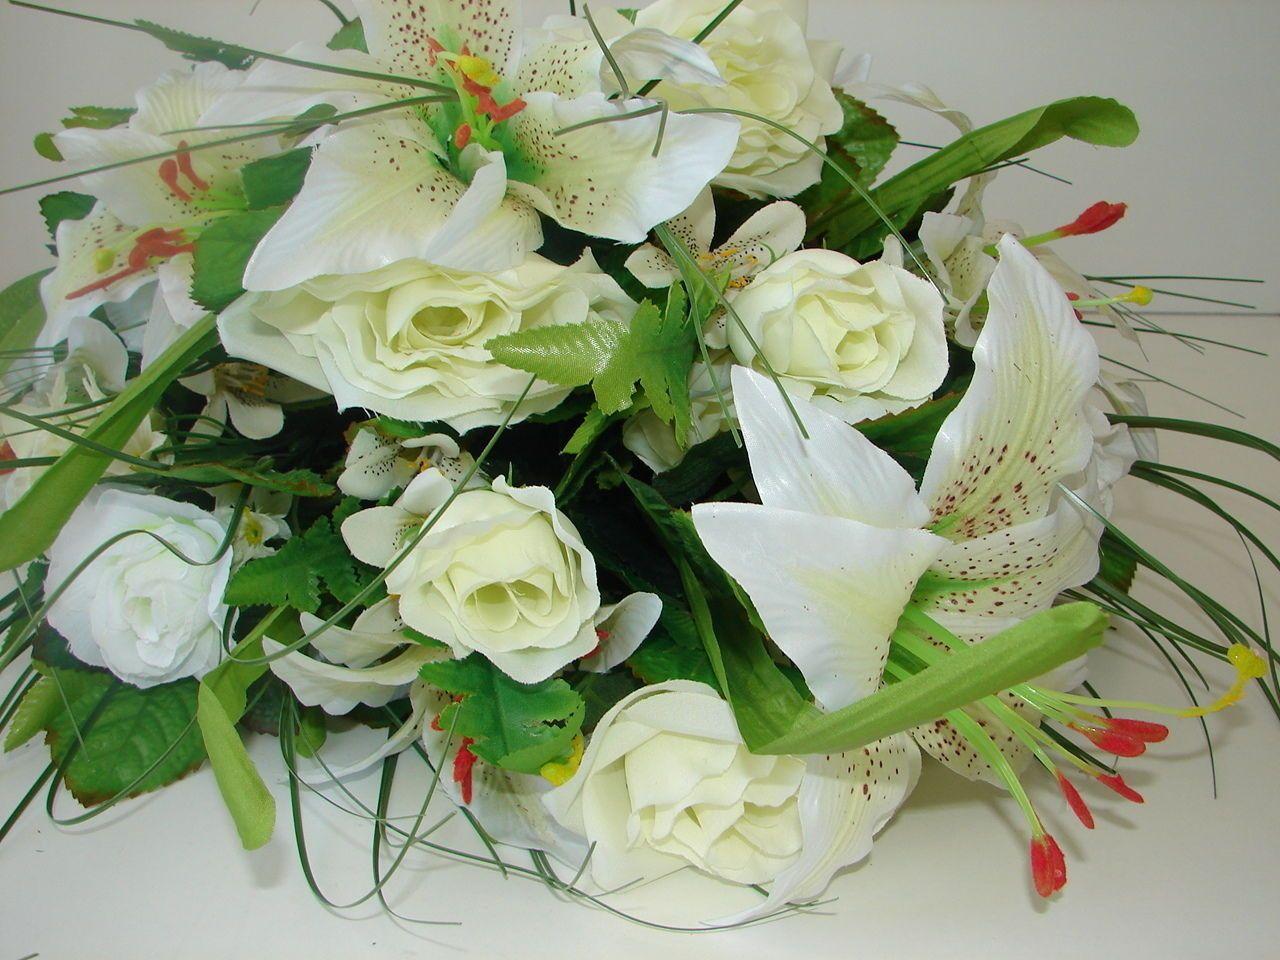 Strauss Möbel blumenstrauß lilien grün weiß 70cm neu in ovp rosenstrauß